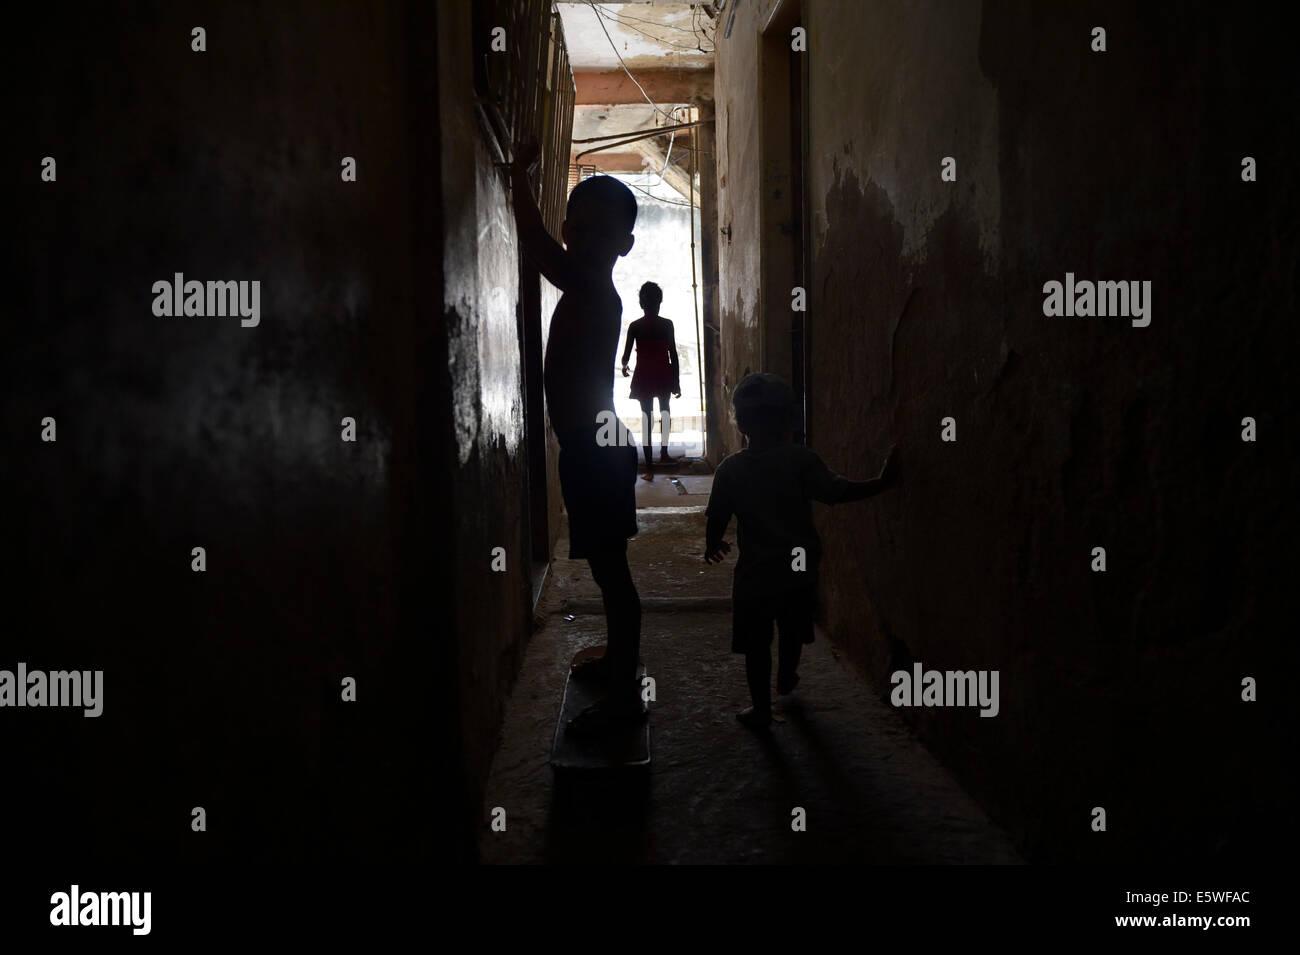 Kinder spielen auf dem Flur eines hocken oder besetzten Hauses, Gloria Distrikt, Bundesstaat Rio De Janeiro, Rio Stockbild